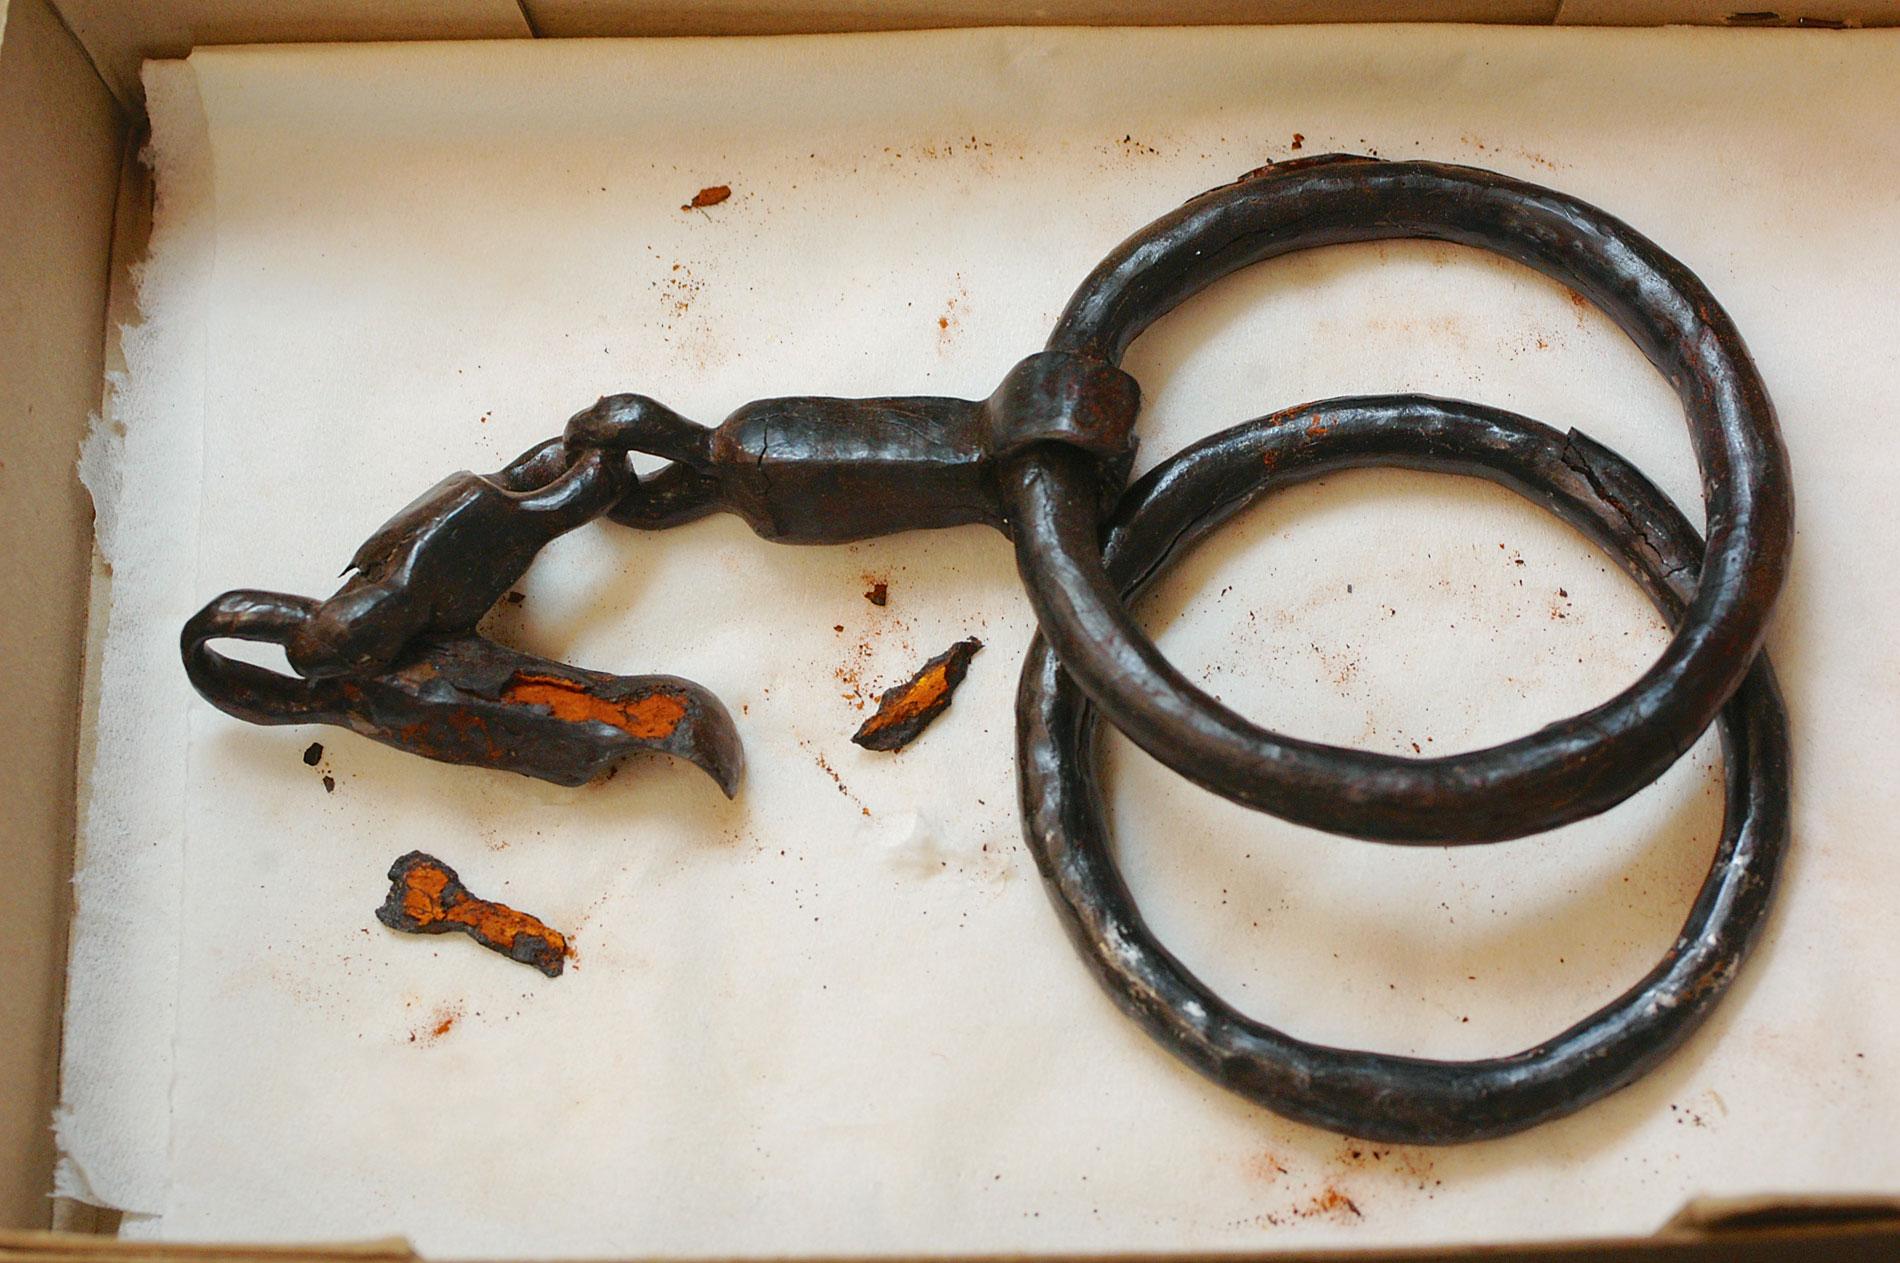 Von innen verrostete und durch Korrosion aufgeplatzte Eisentrense eines Maultiers, 9 n. Chr. Die Bearbeitung mit einer Entsalzungsmaschine könnte die weitere Zerstörung verhindern